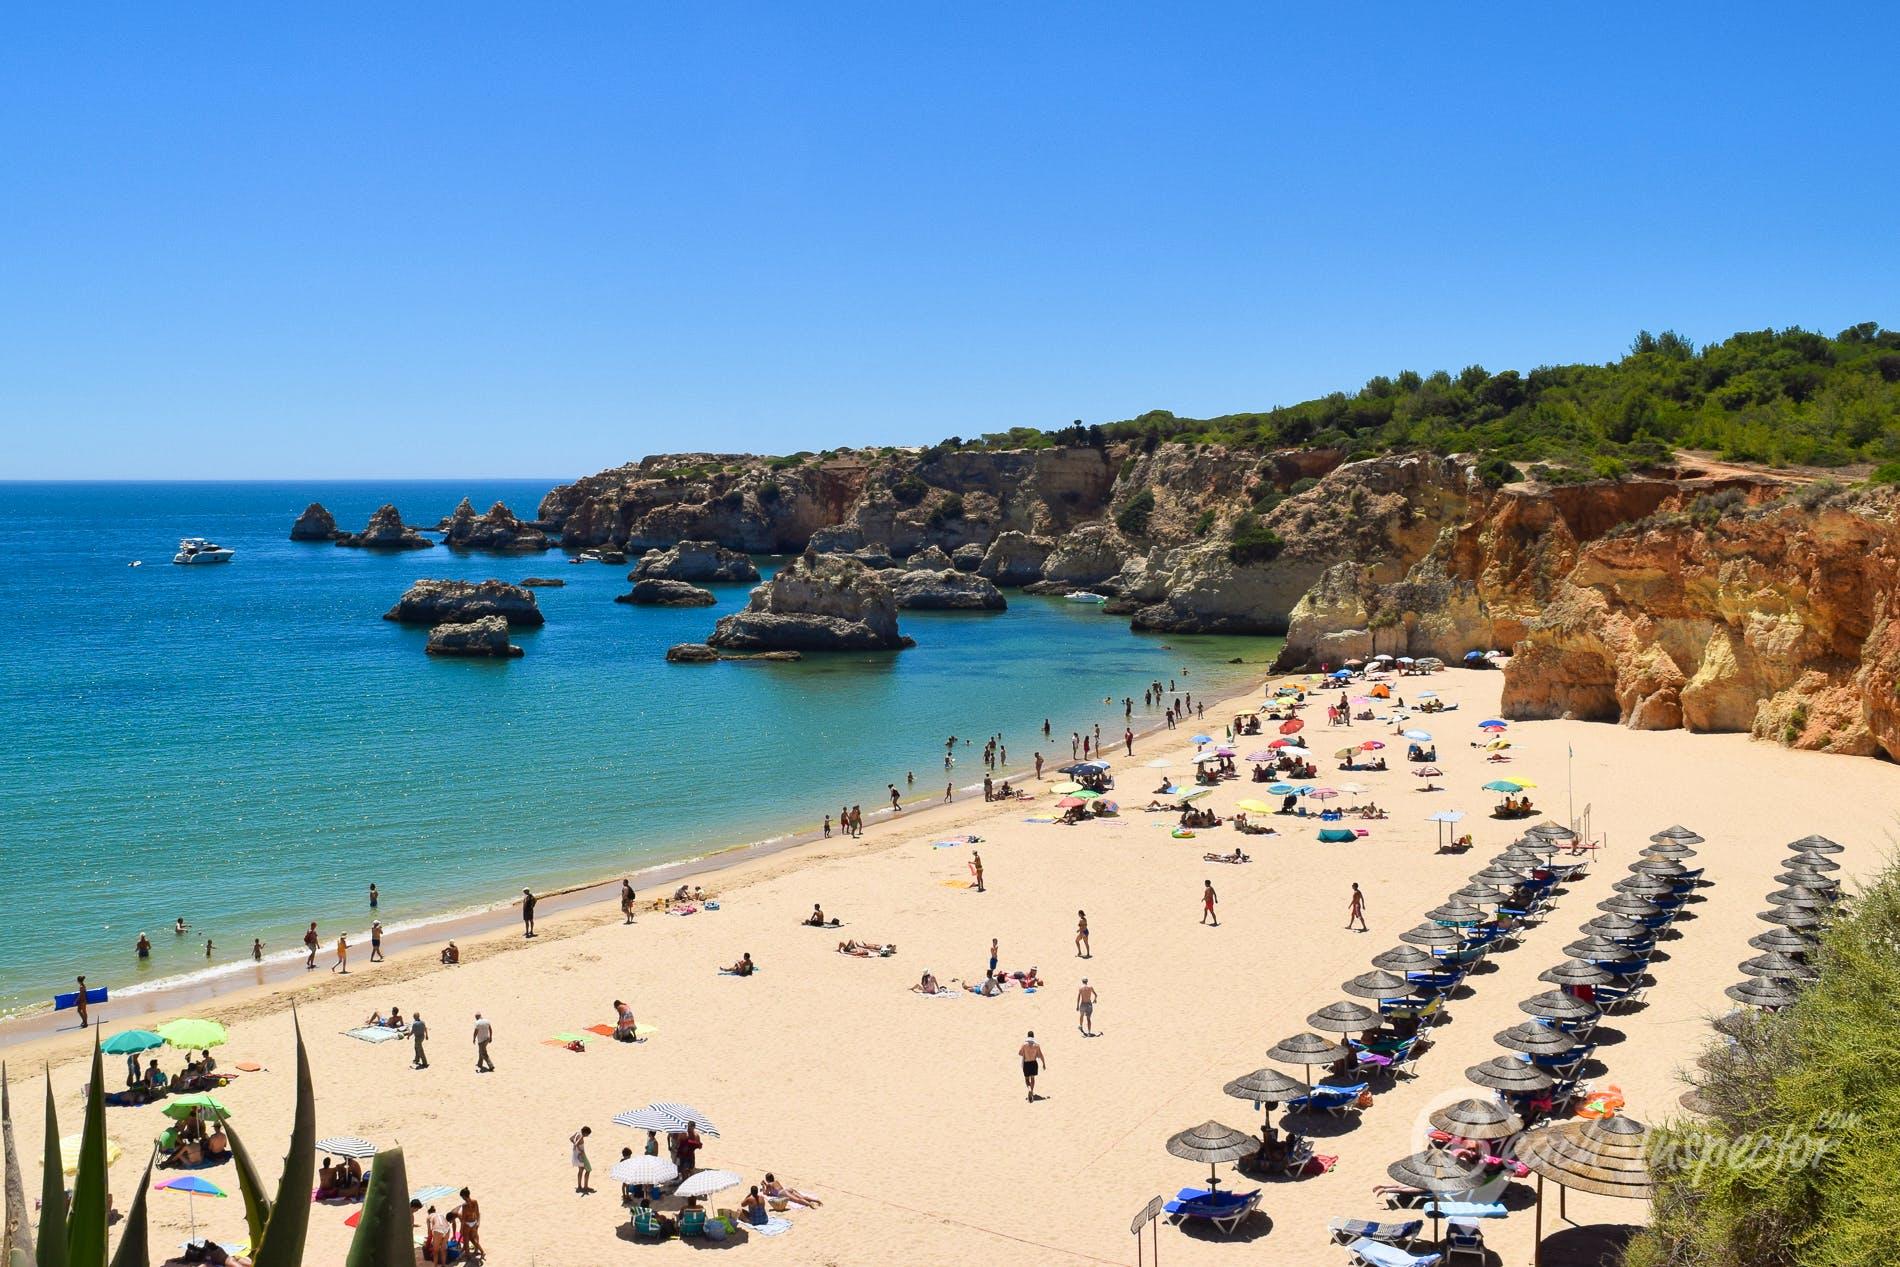 Beach Praia do Barranco das Canas, Algarve, Portugal